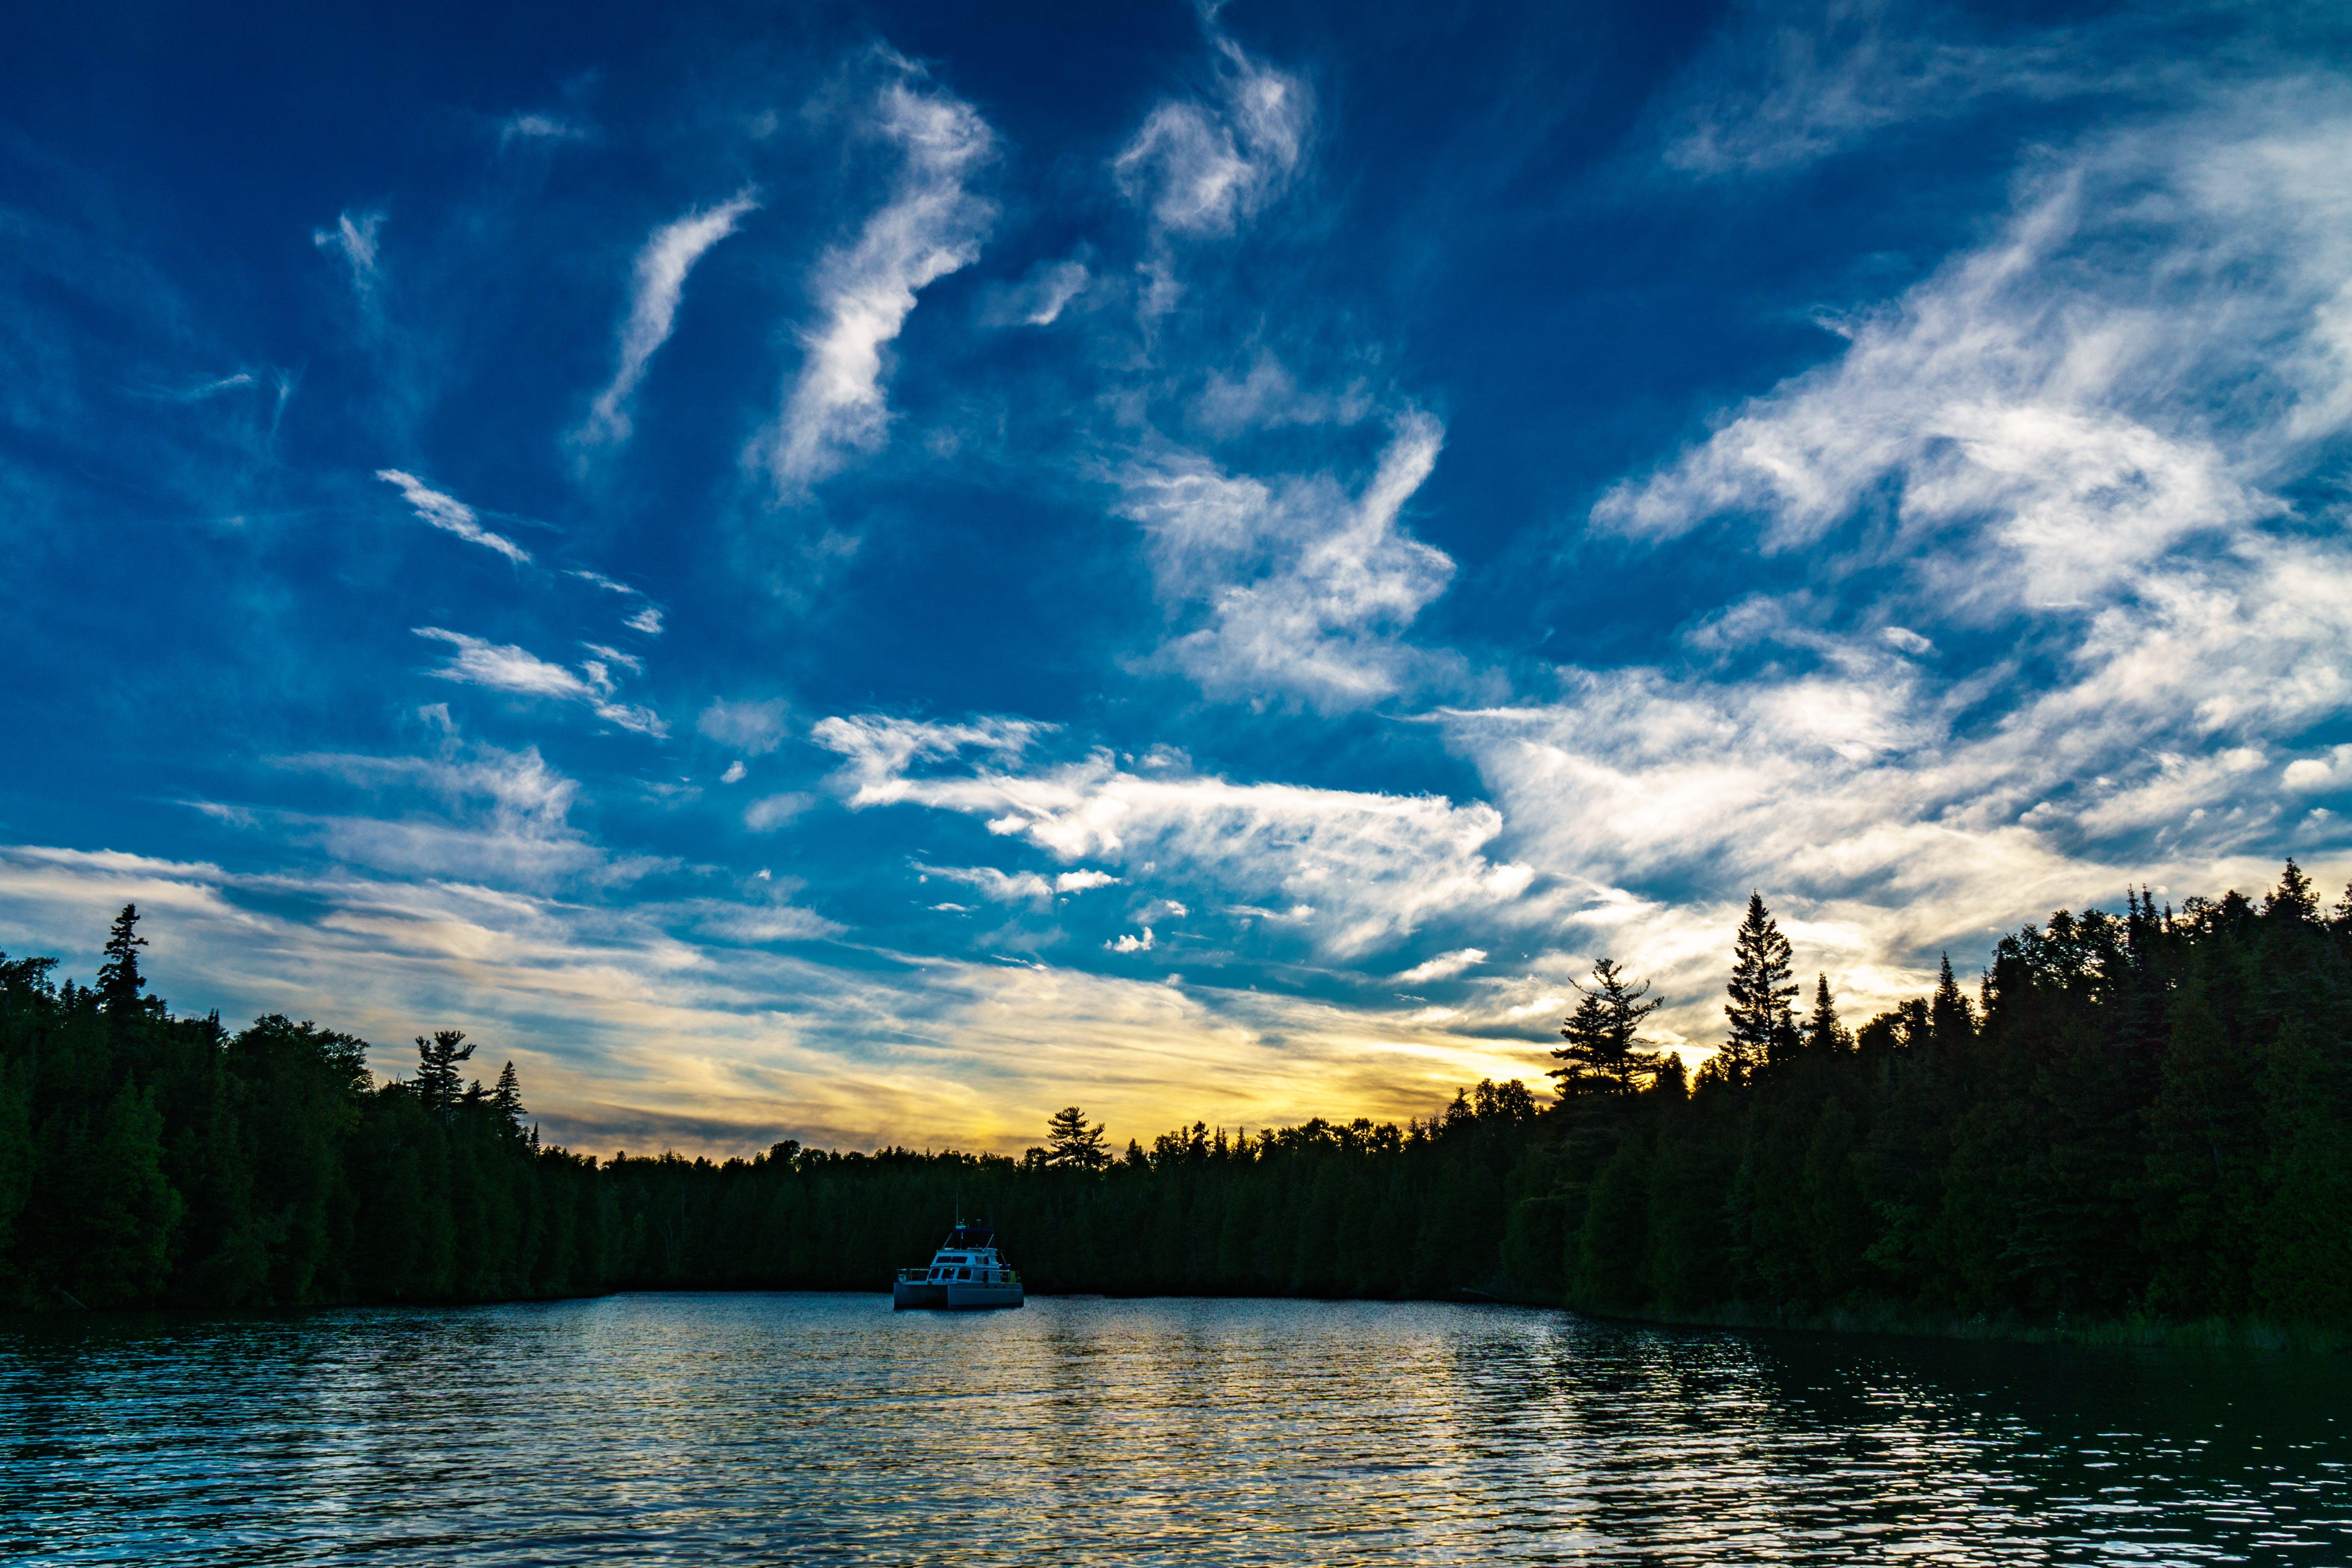 Kostenloses Stock Foto zu bäume, blauer himmel, boot, himmel